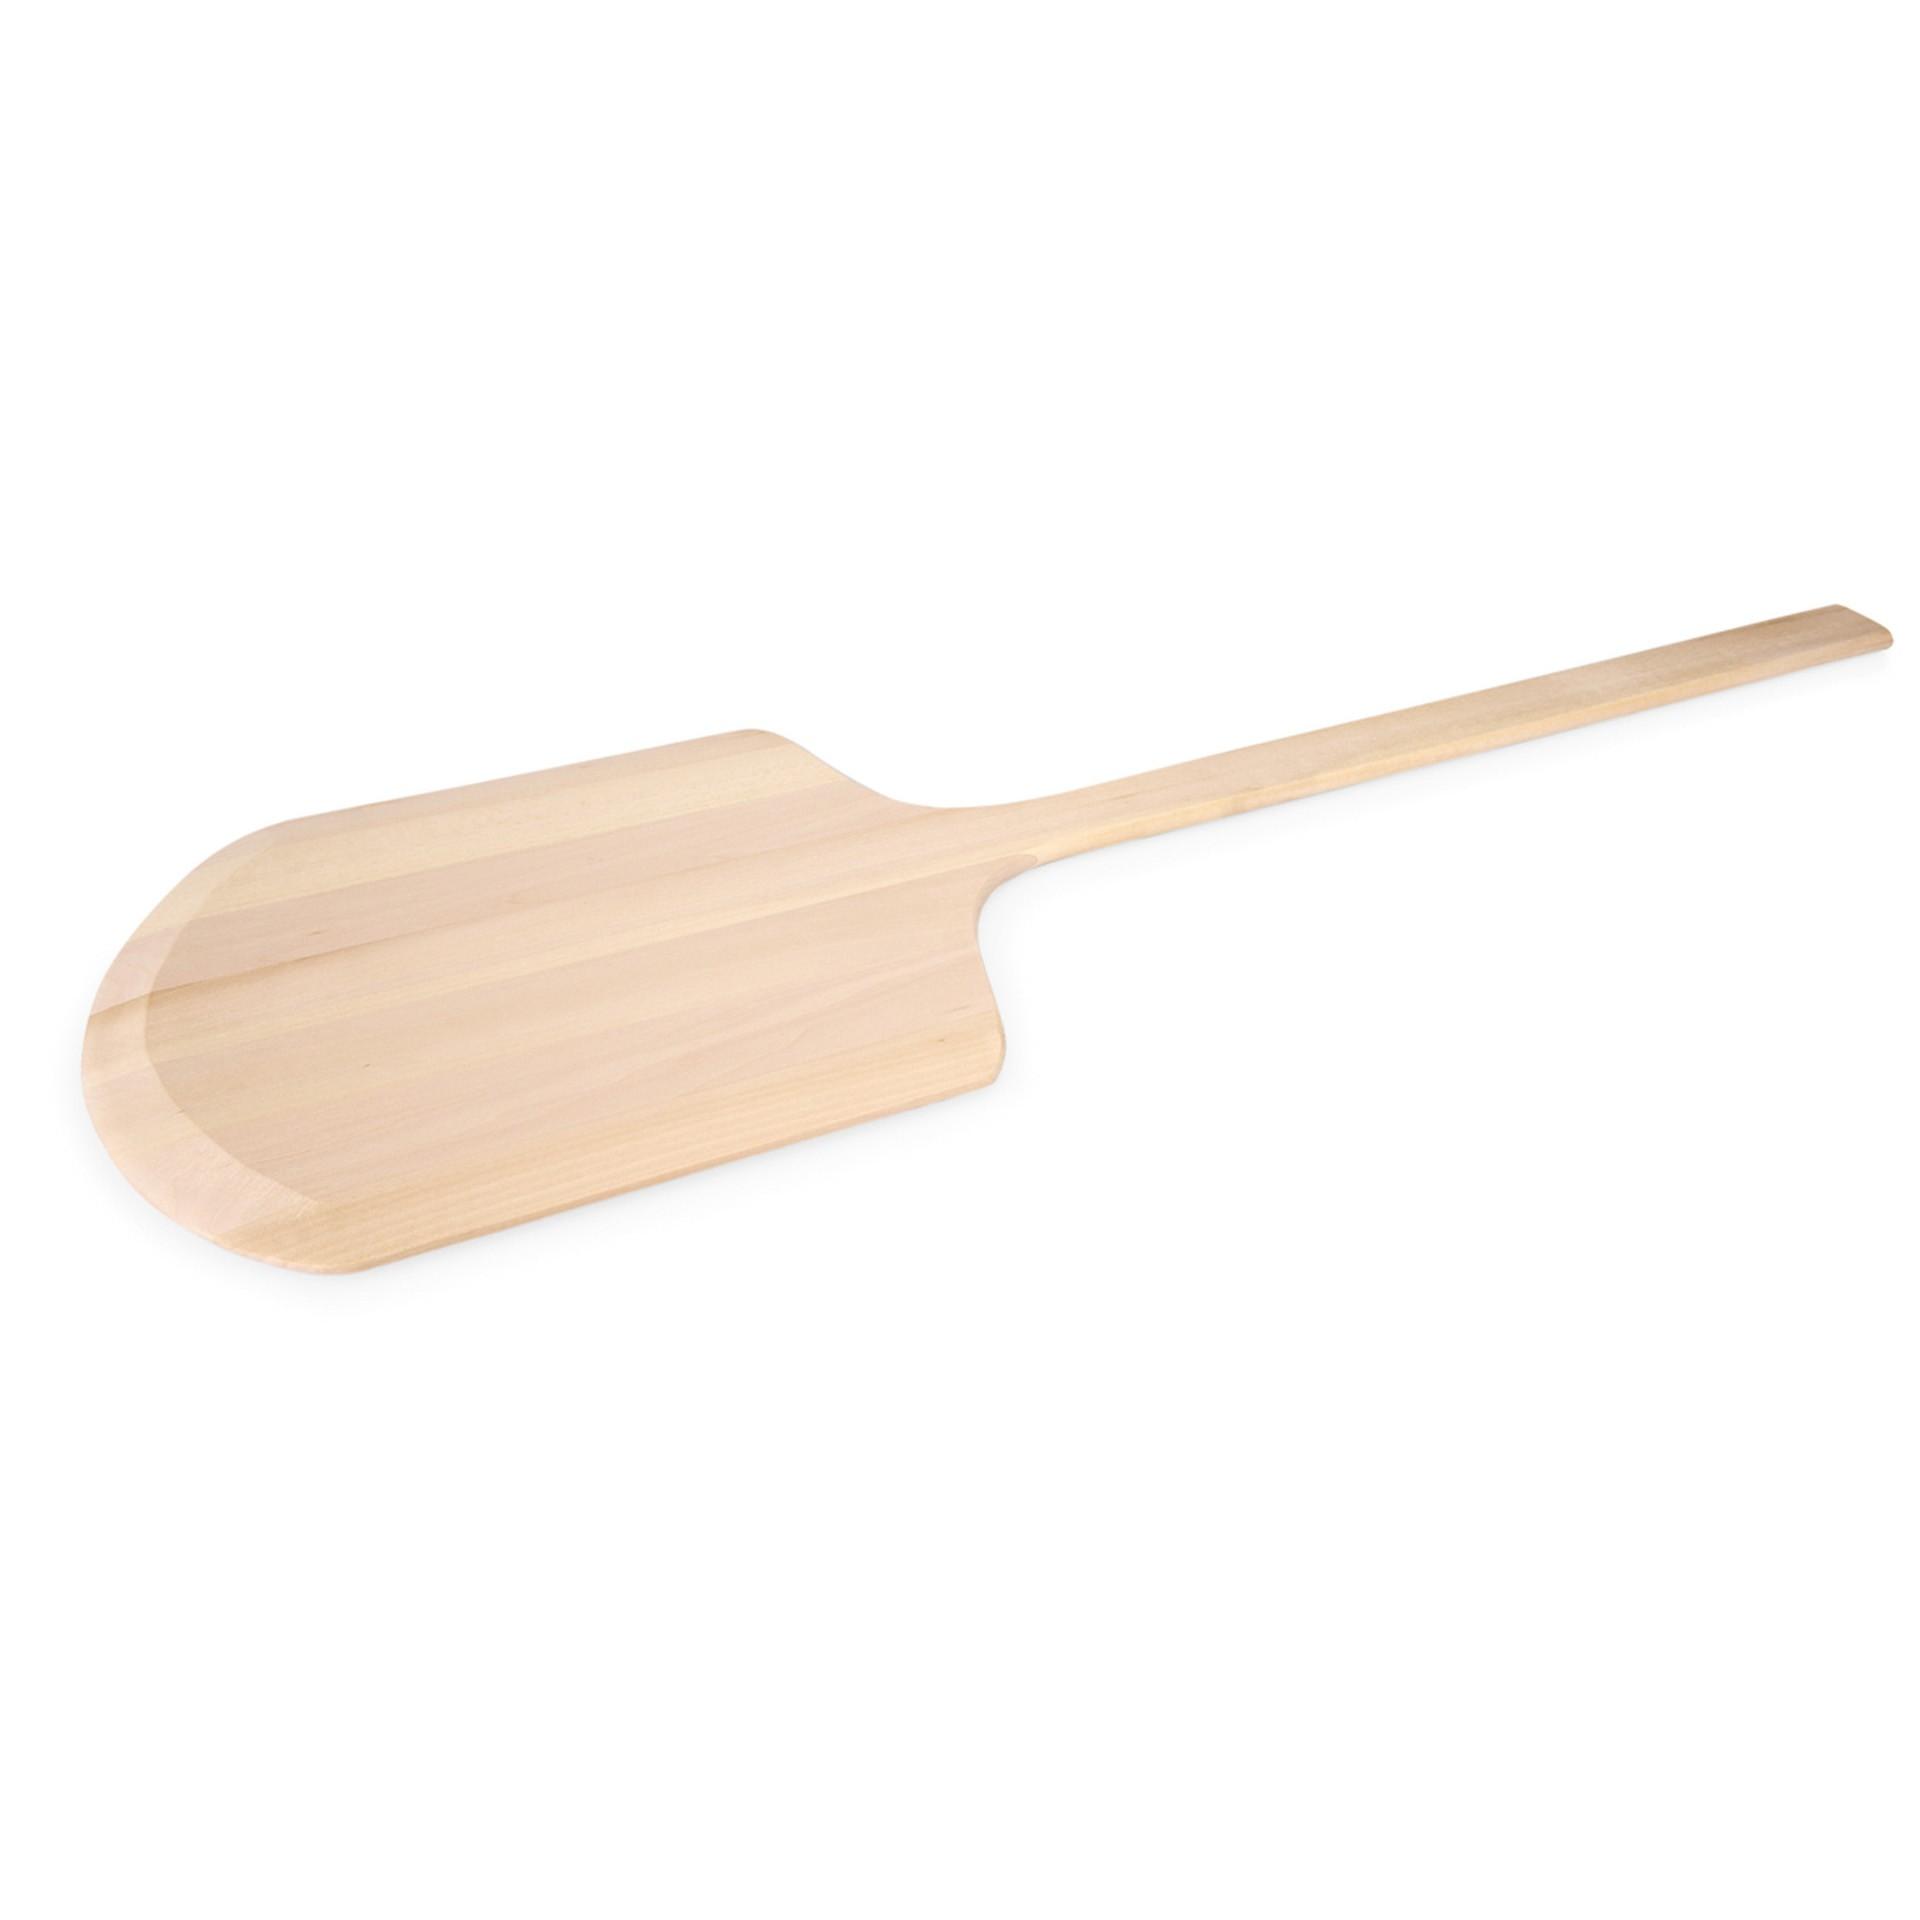 Pizzaschaufel - Holz - billiger kaufen - 2298.910